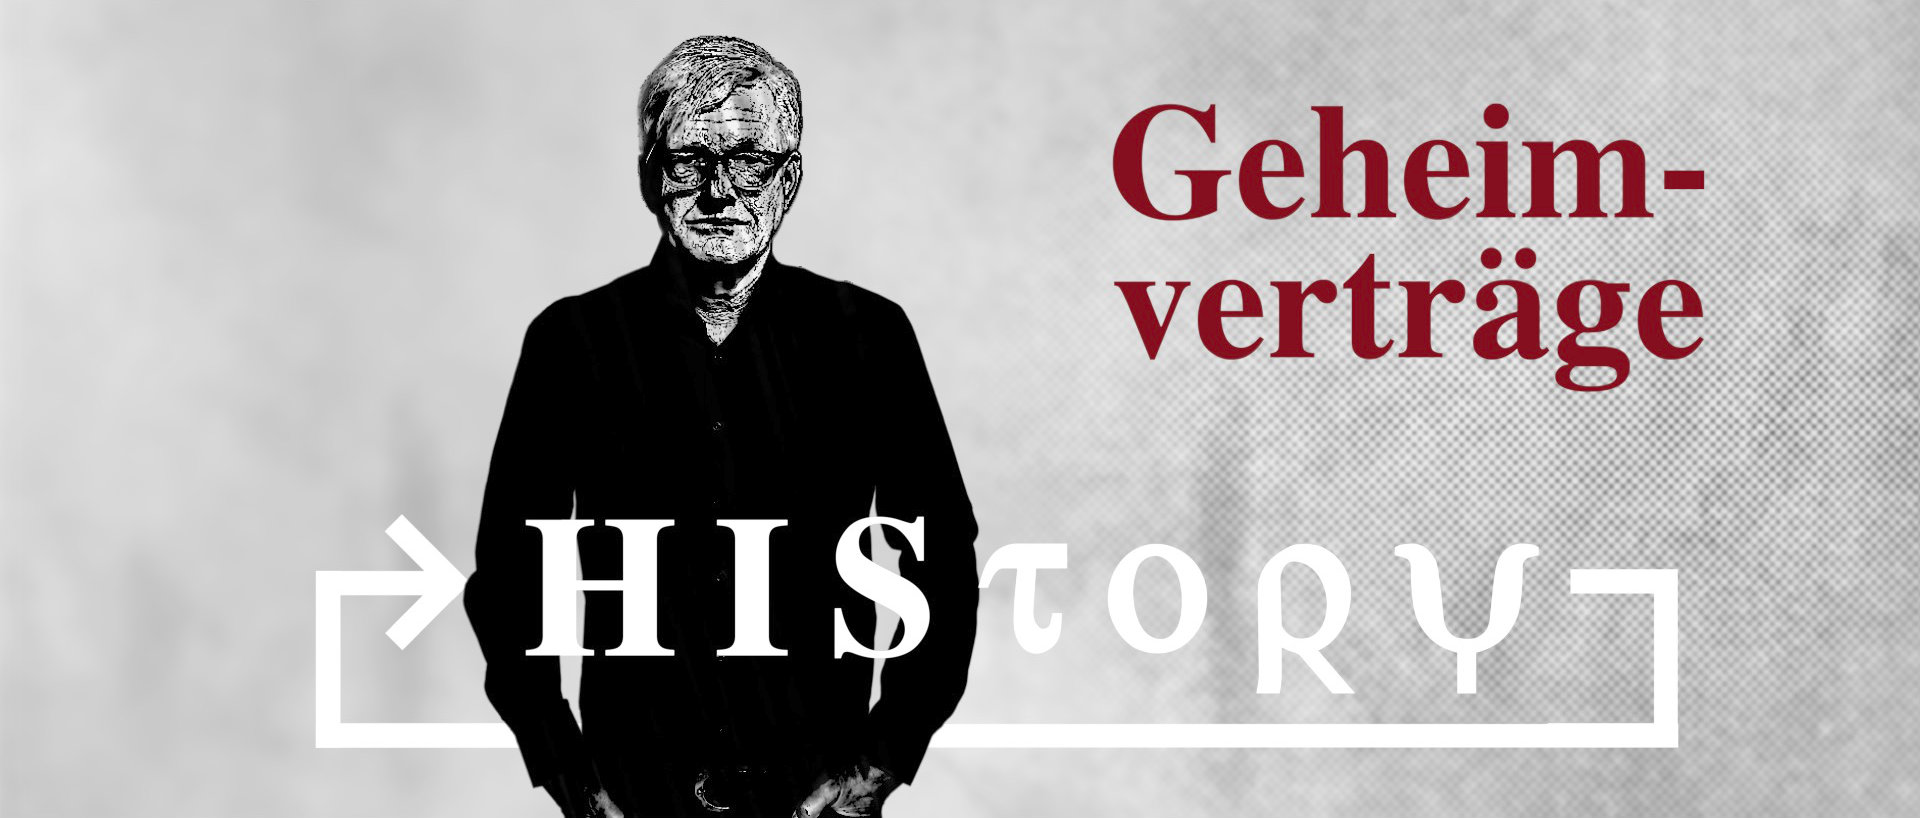 history:-geheimvertrage- -kenfm.de